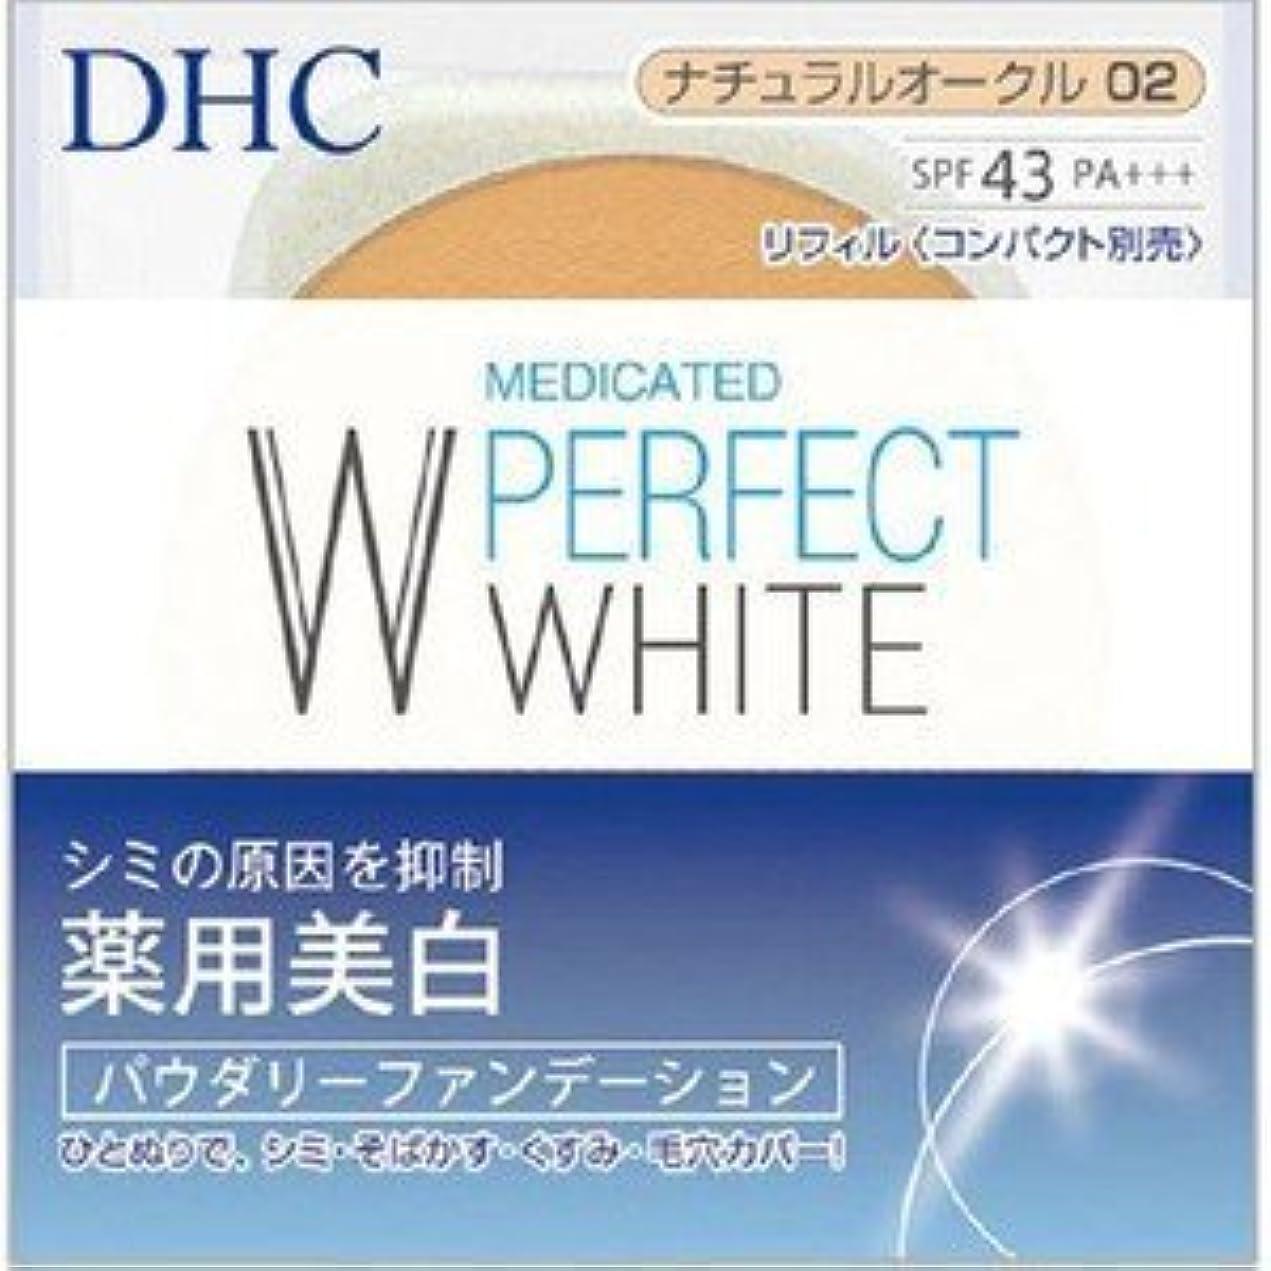 バースト独立折DHC 薬用パーフェクトホワイト パウダリーファンデーション ナチュラルオークル02(リフィル) 10g(医薬部外品)